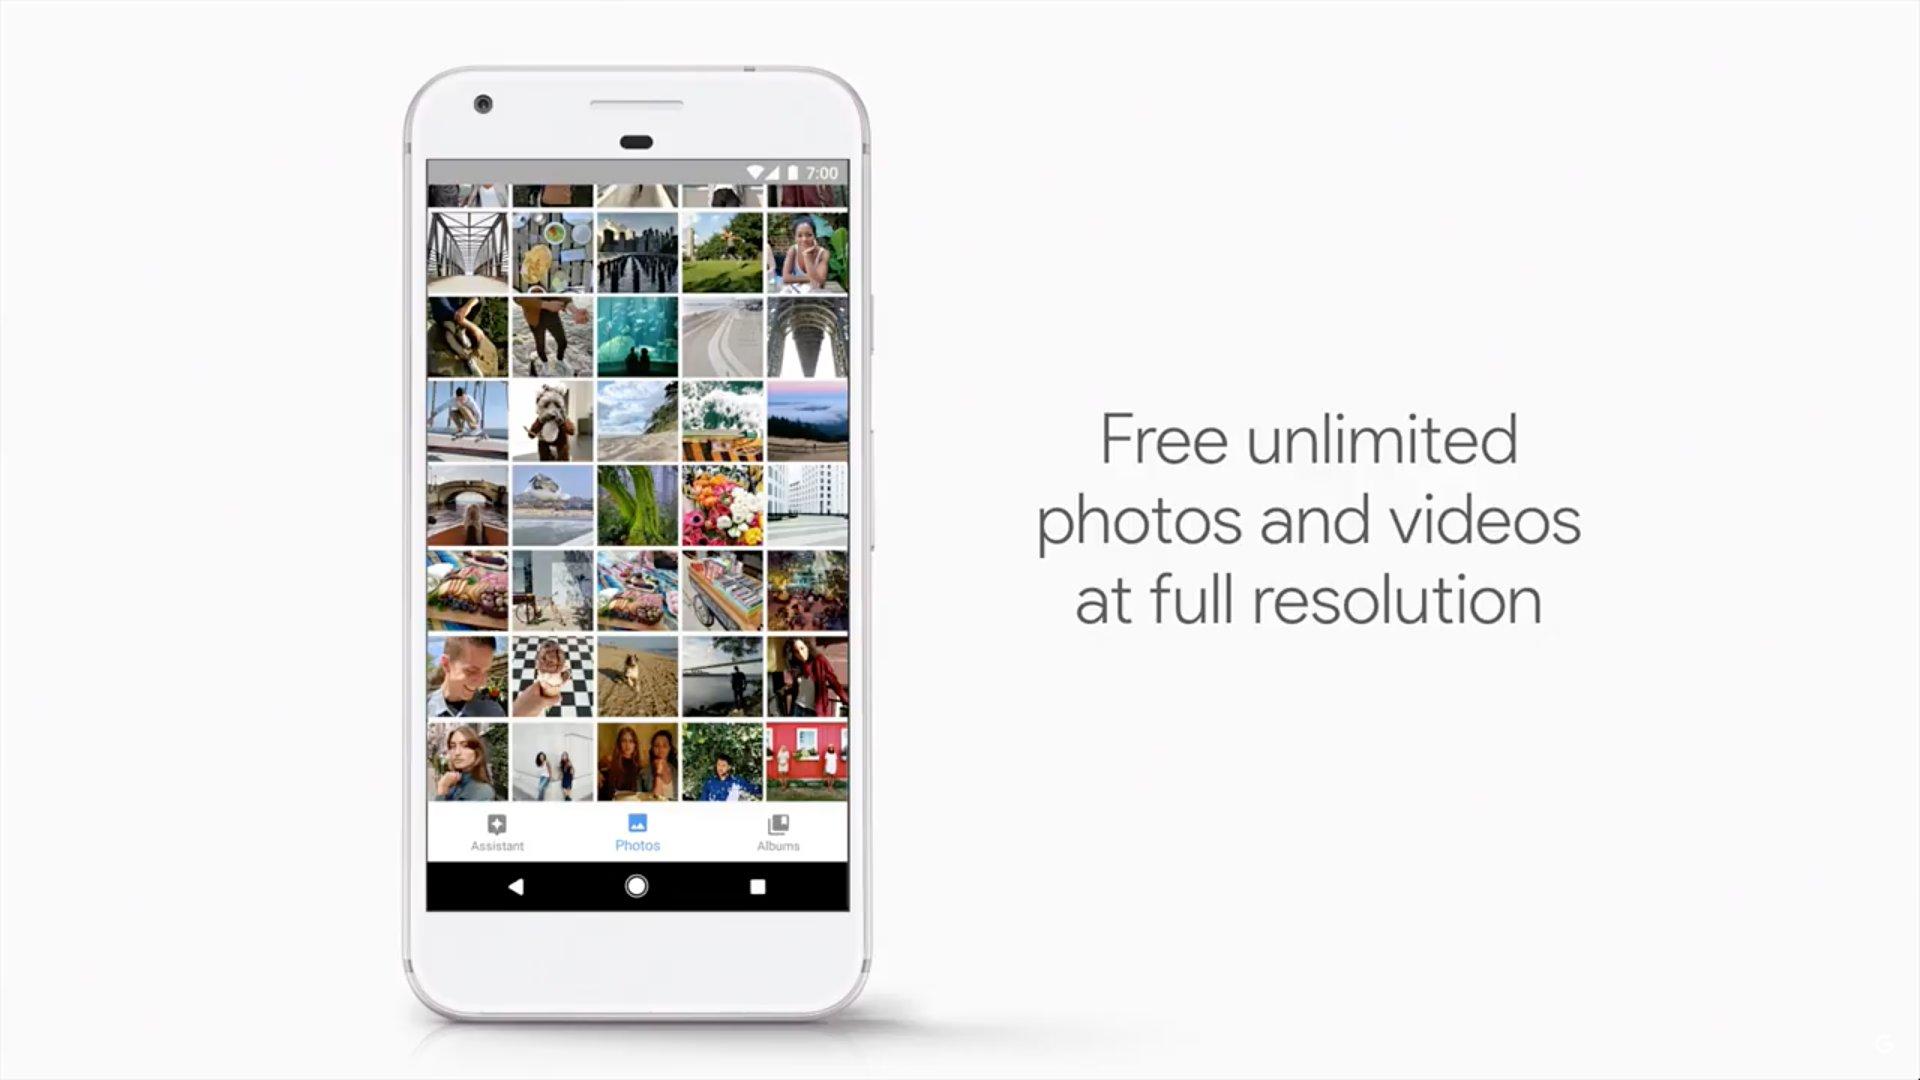 Unbegrenzter Cloud-Speicher für Fotos und Videos